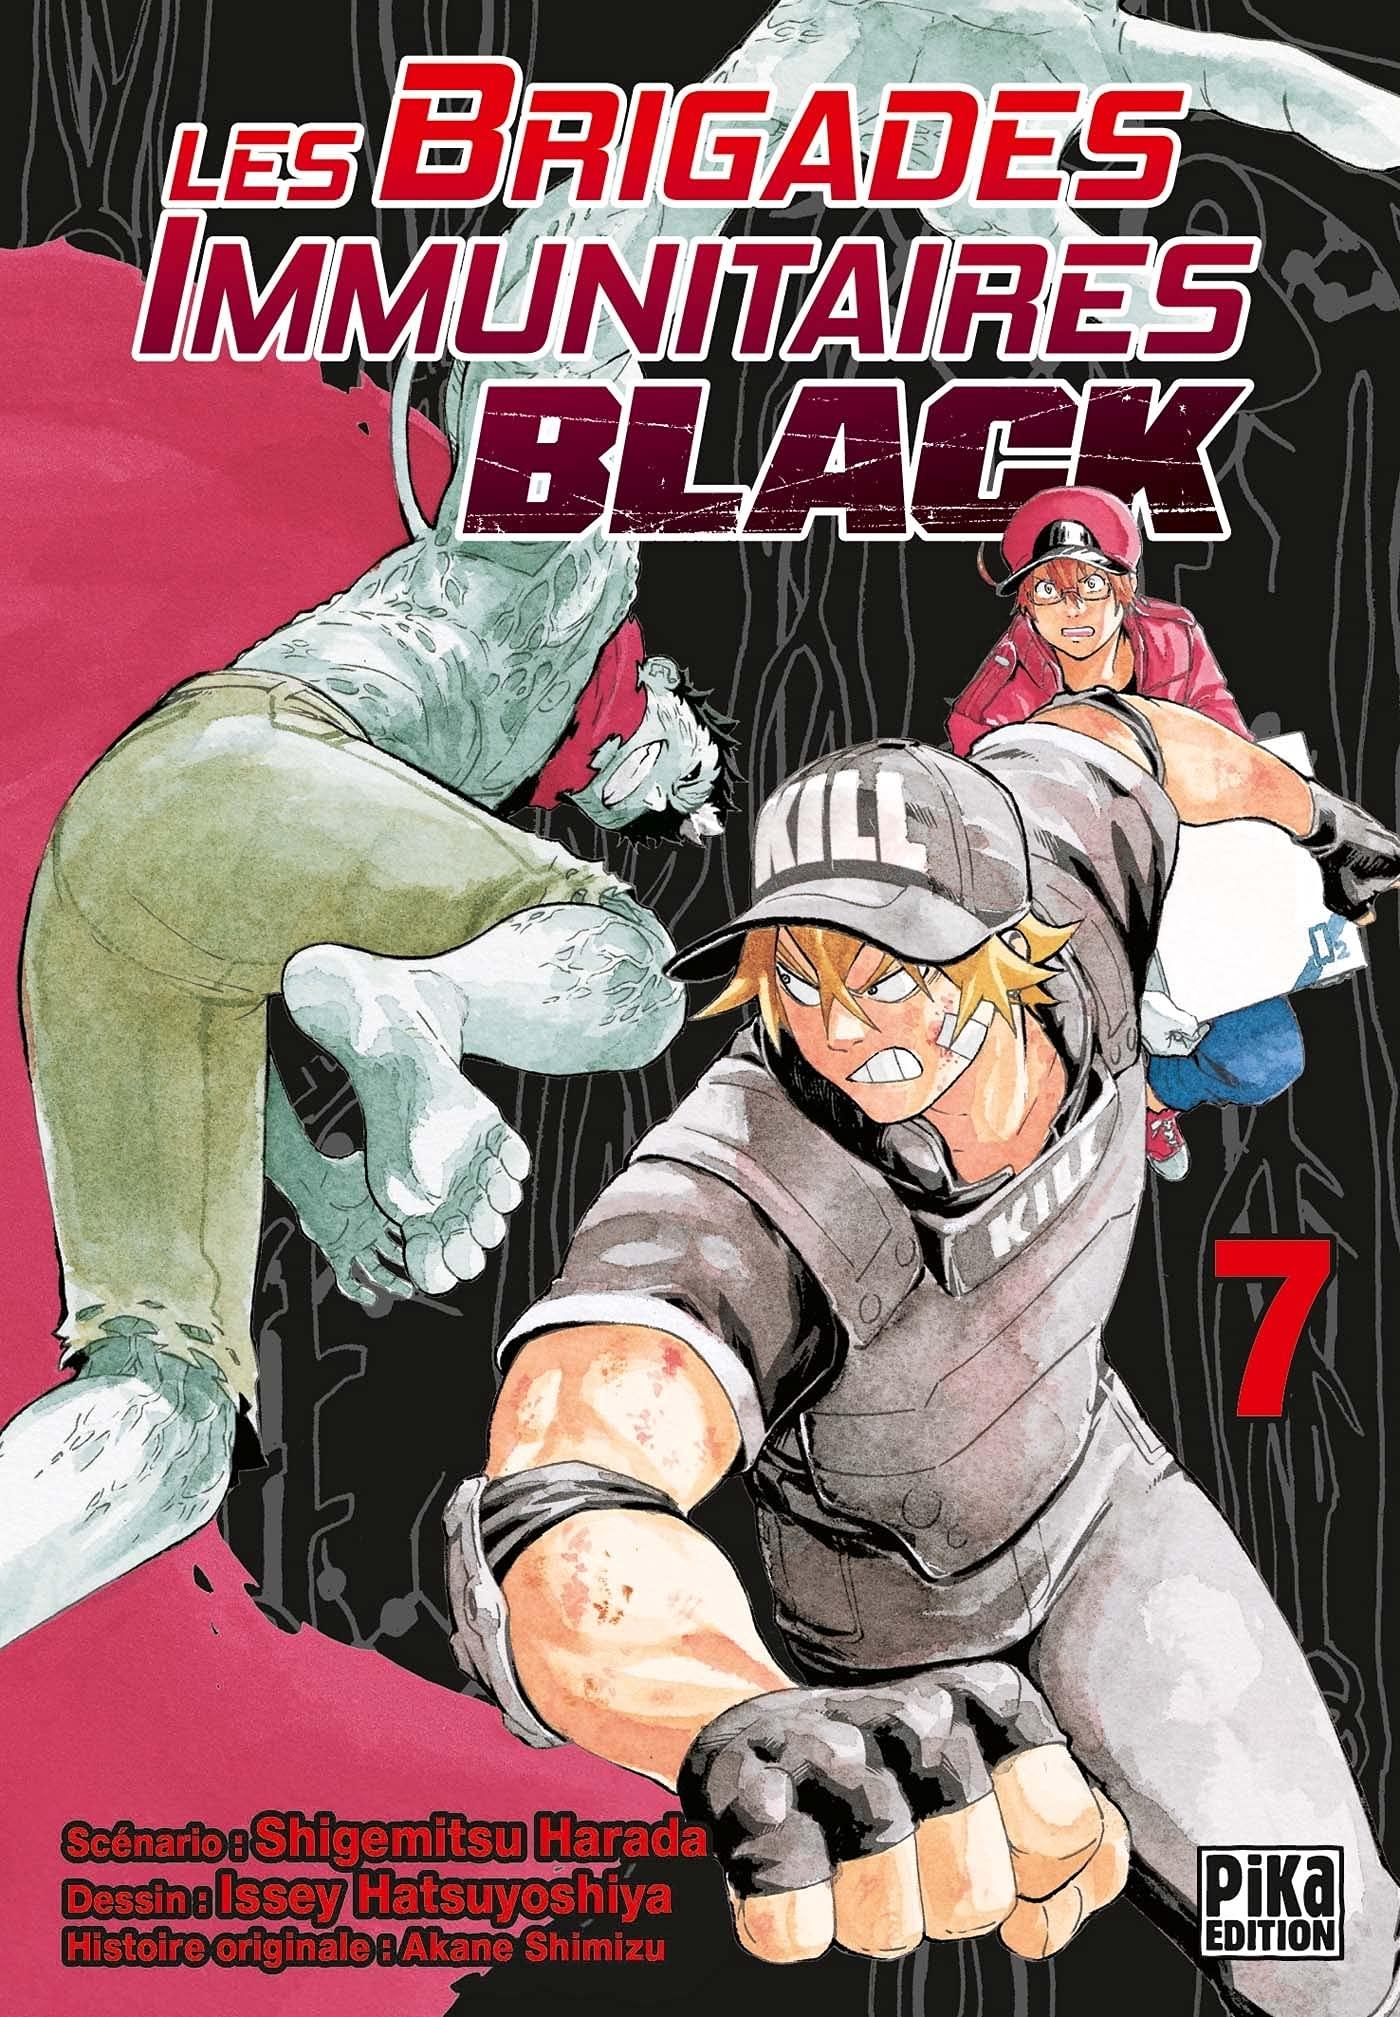 Les Brigades Immunitaires Black 7